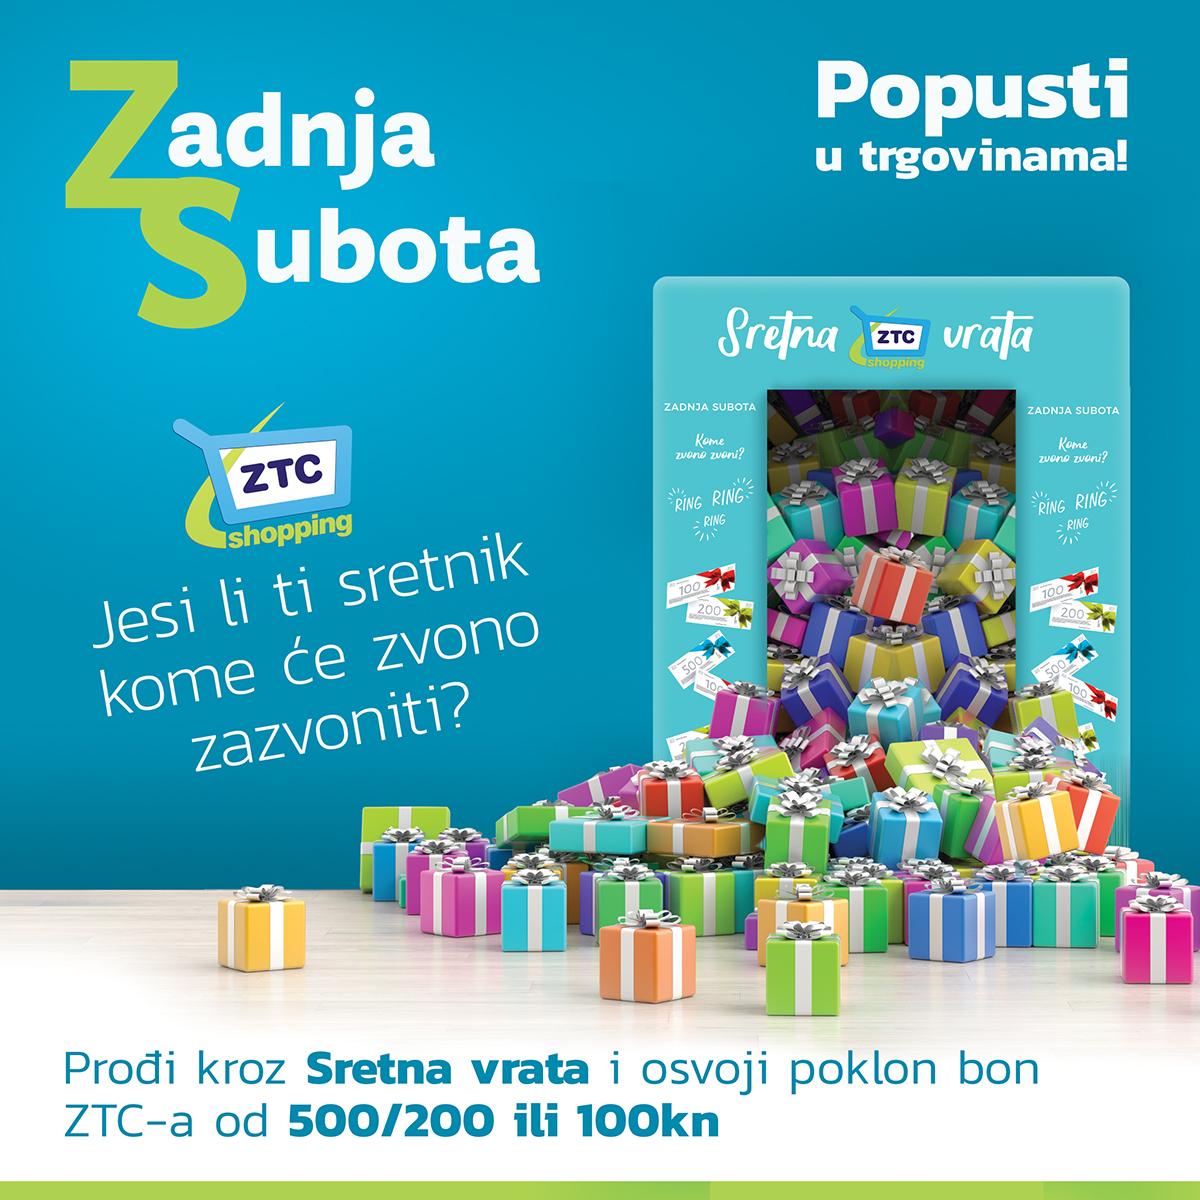 Zetino kazalište i Sretna vrata: 100, 200, 500 razloga za posjet ZTC-u!